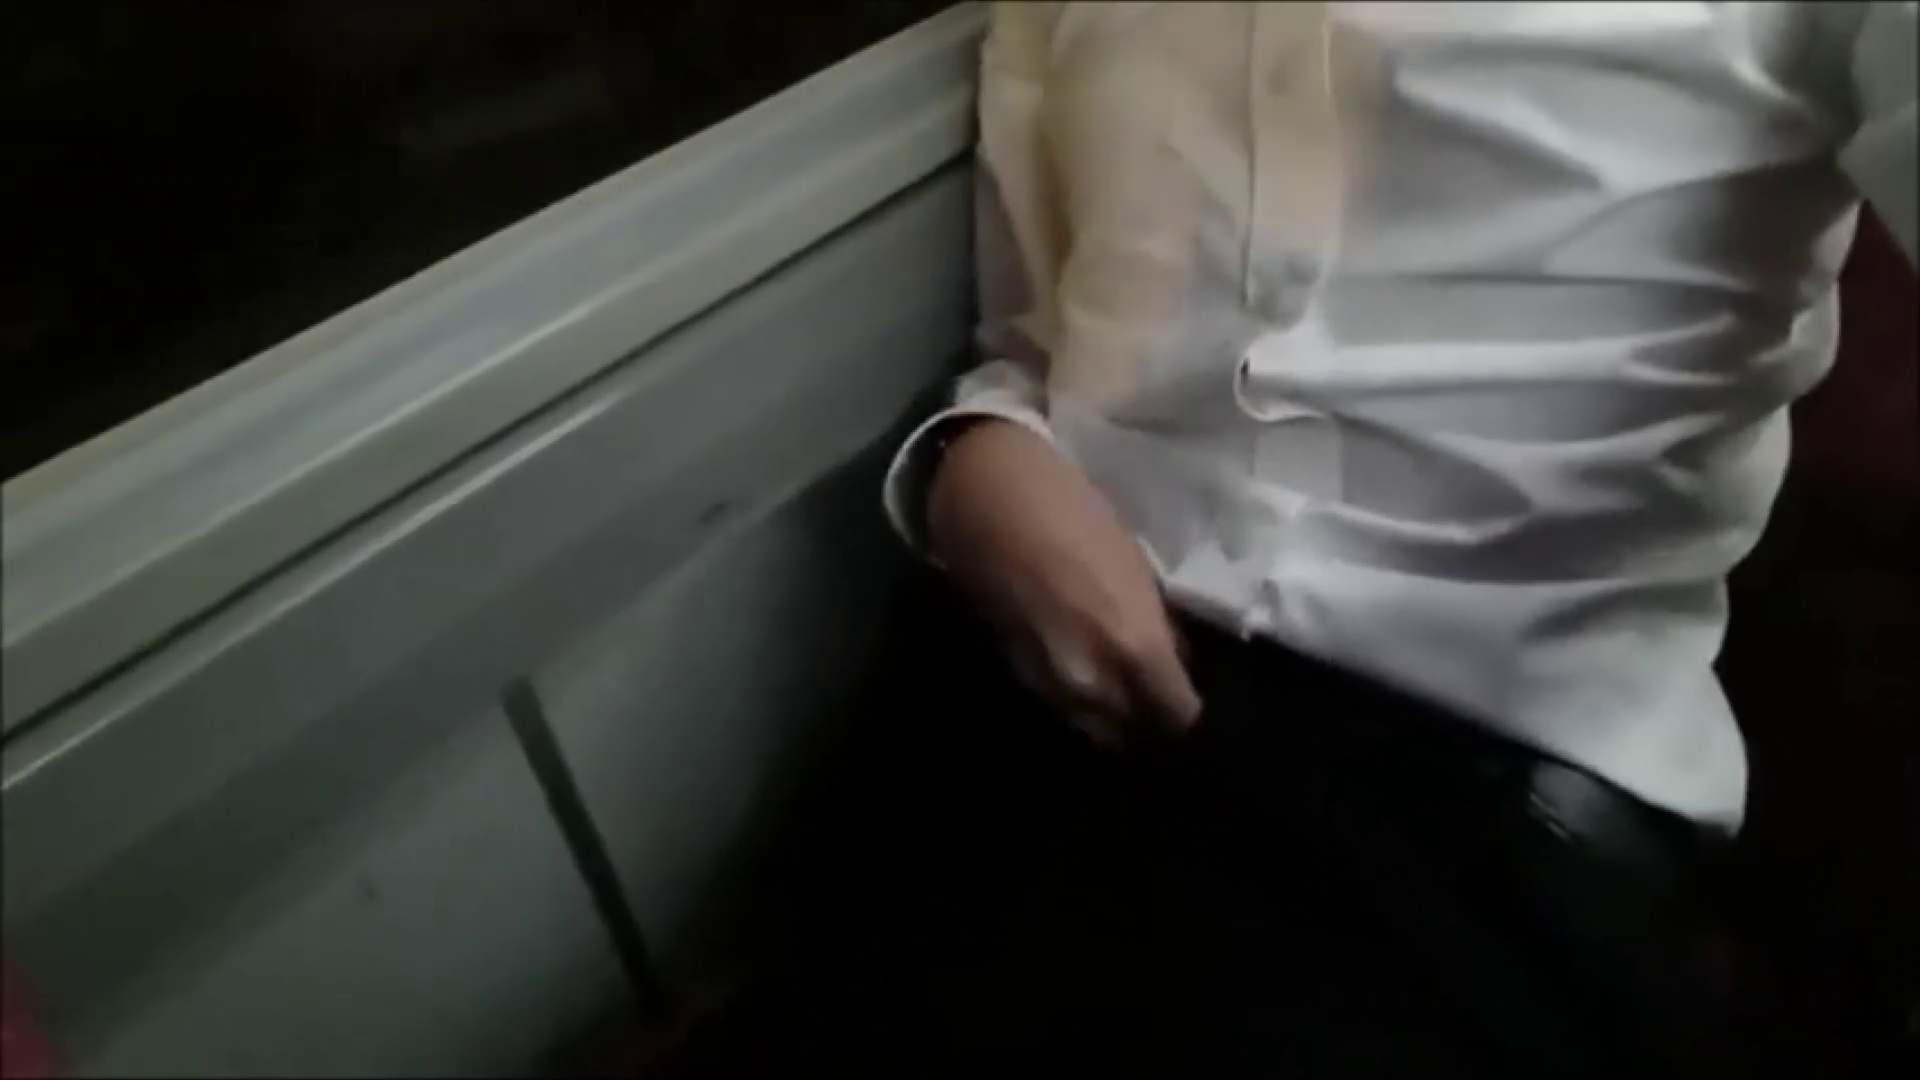 巨根 オナニー塾Vol.13 オナニー ゲイアダルトビデオ画像 81pic 29